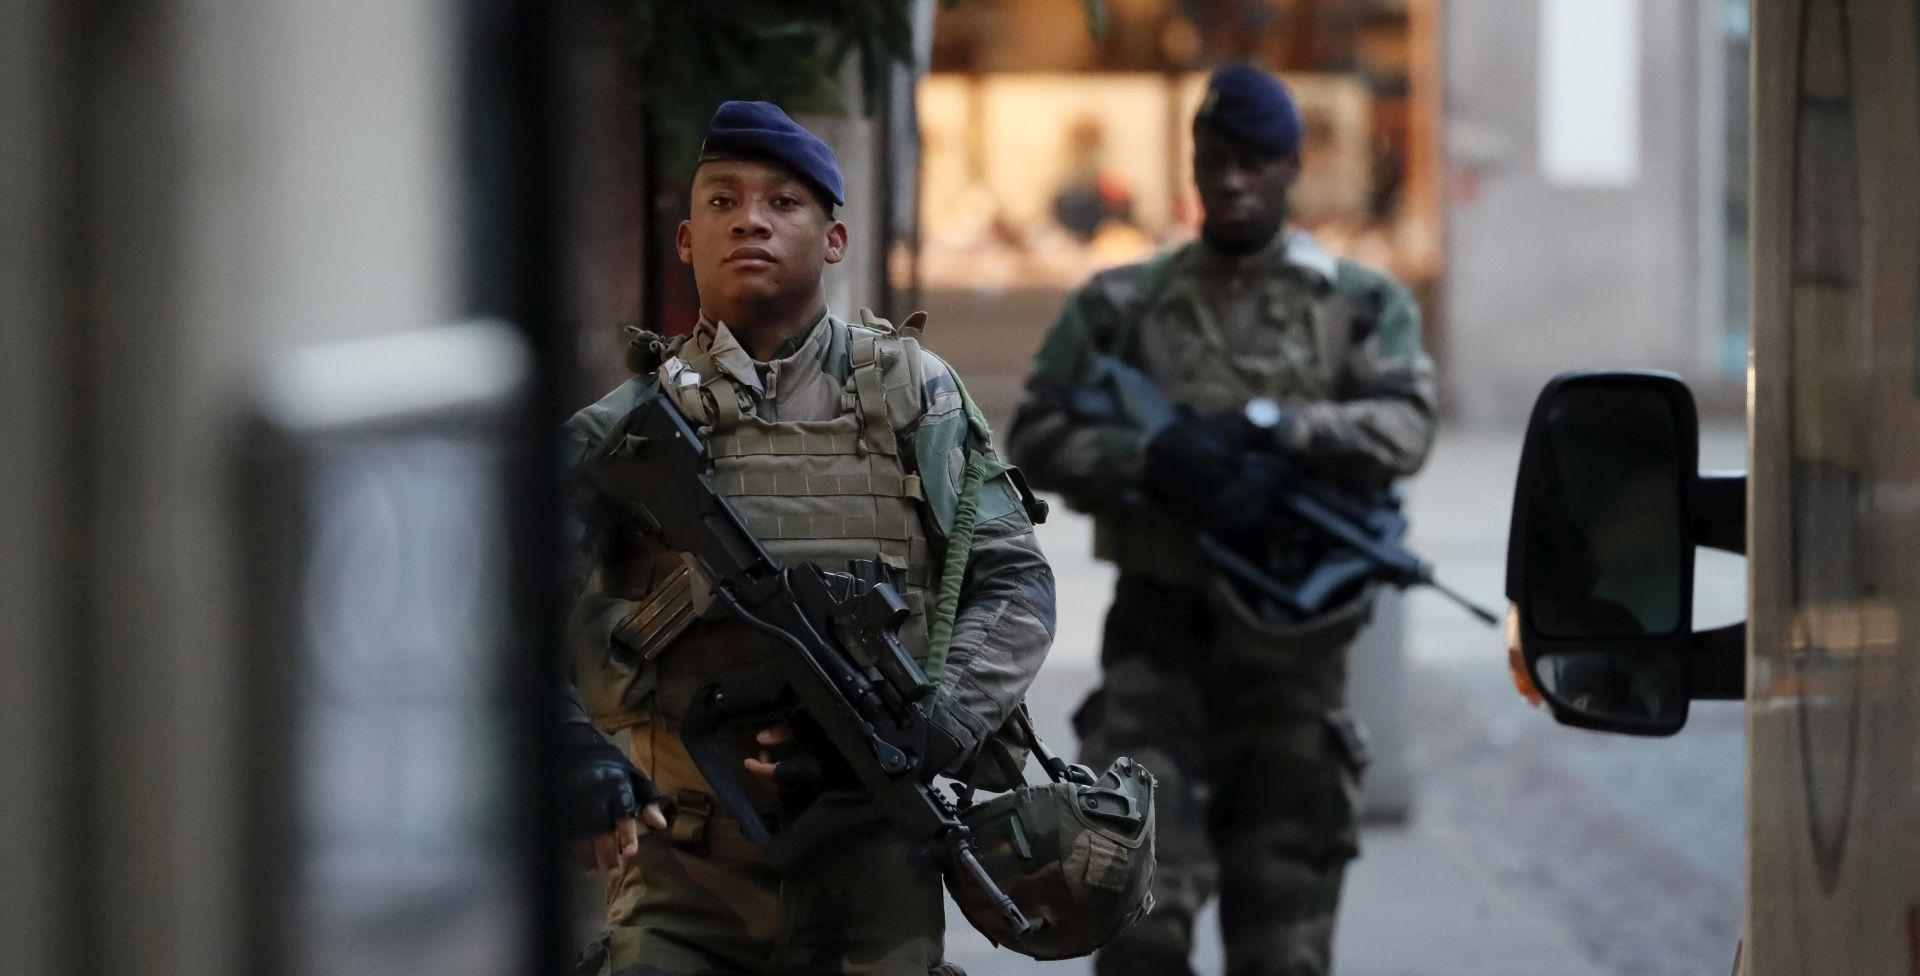 Napadač iz Strasbourga traži se živ ili mrtav